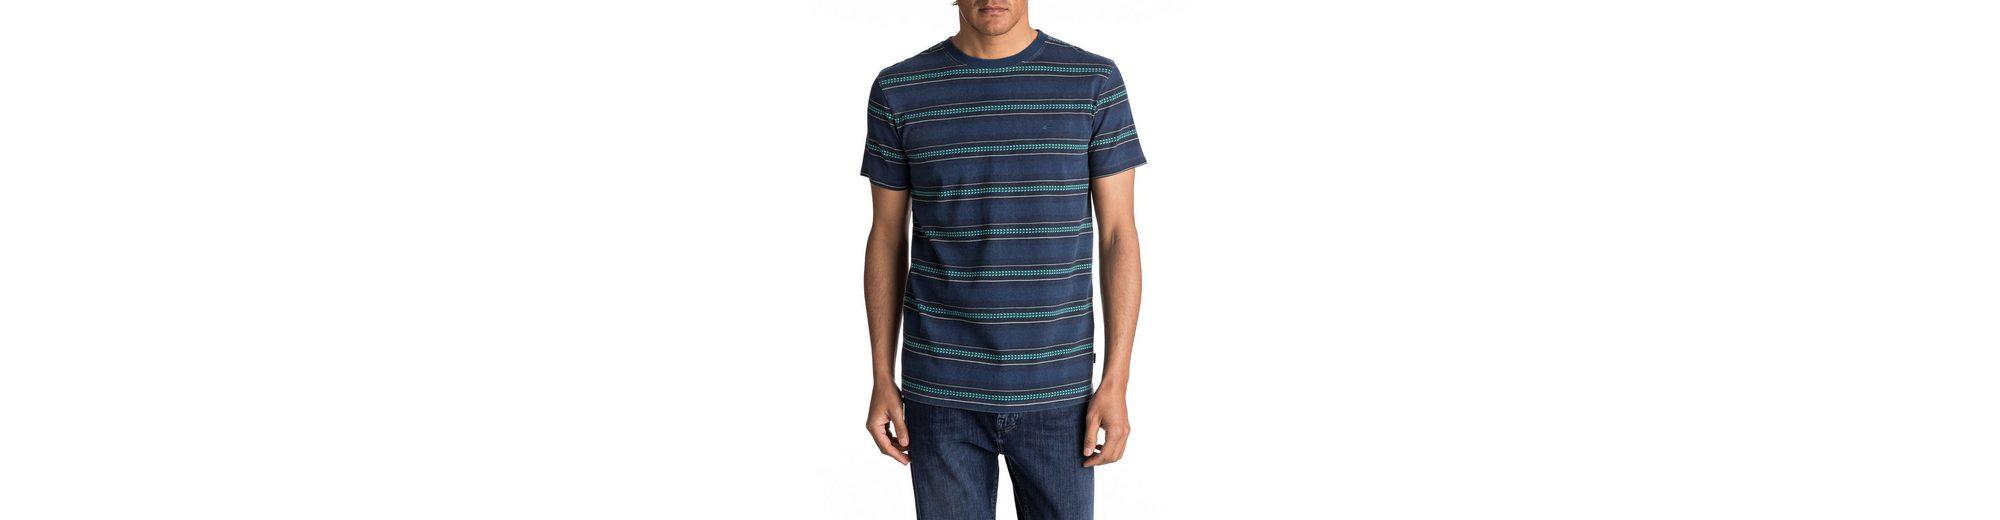 Quiksilver T-Shirt Baree Brant Outlet Günstig Online Billige Ebay 8c2aqvV6Q